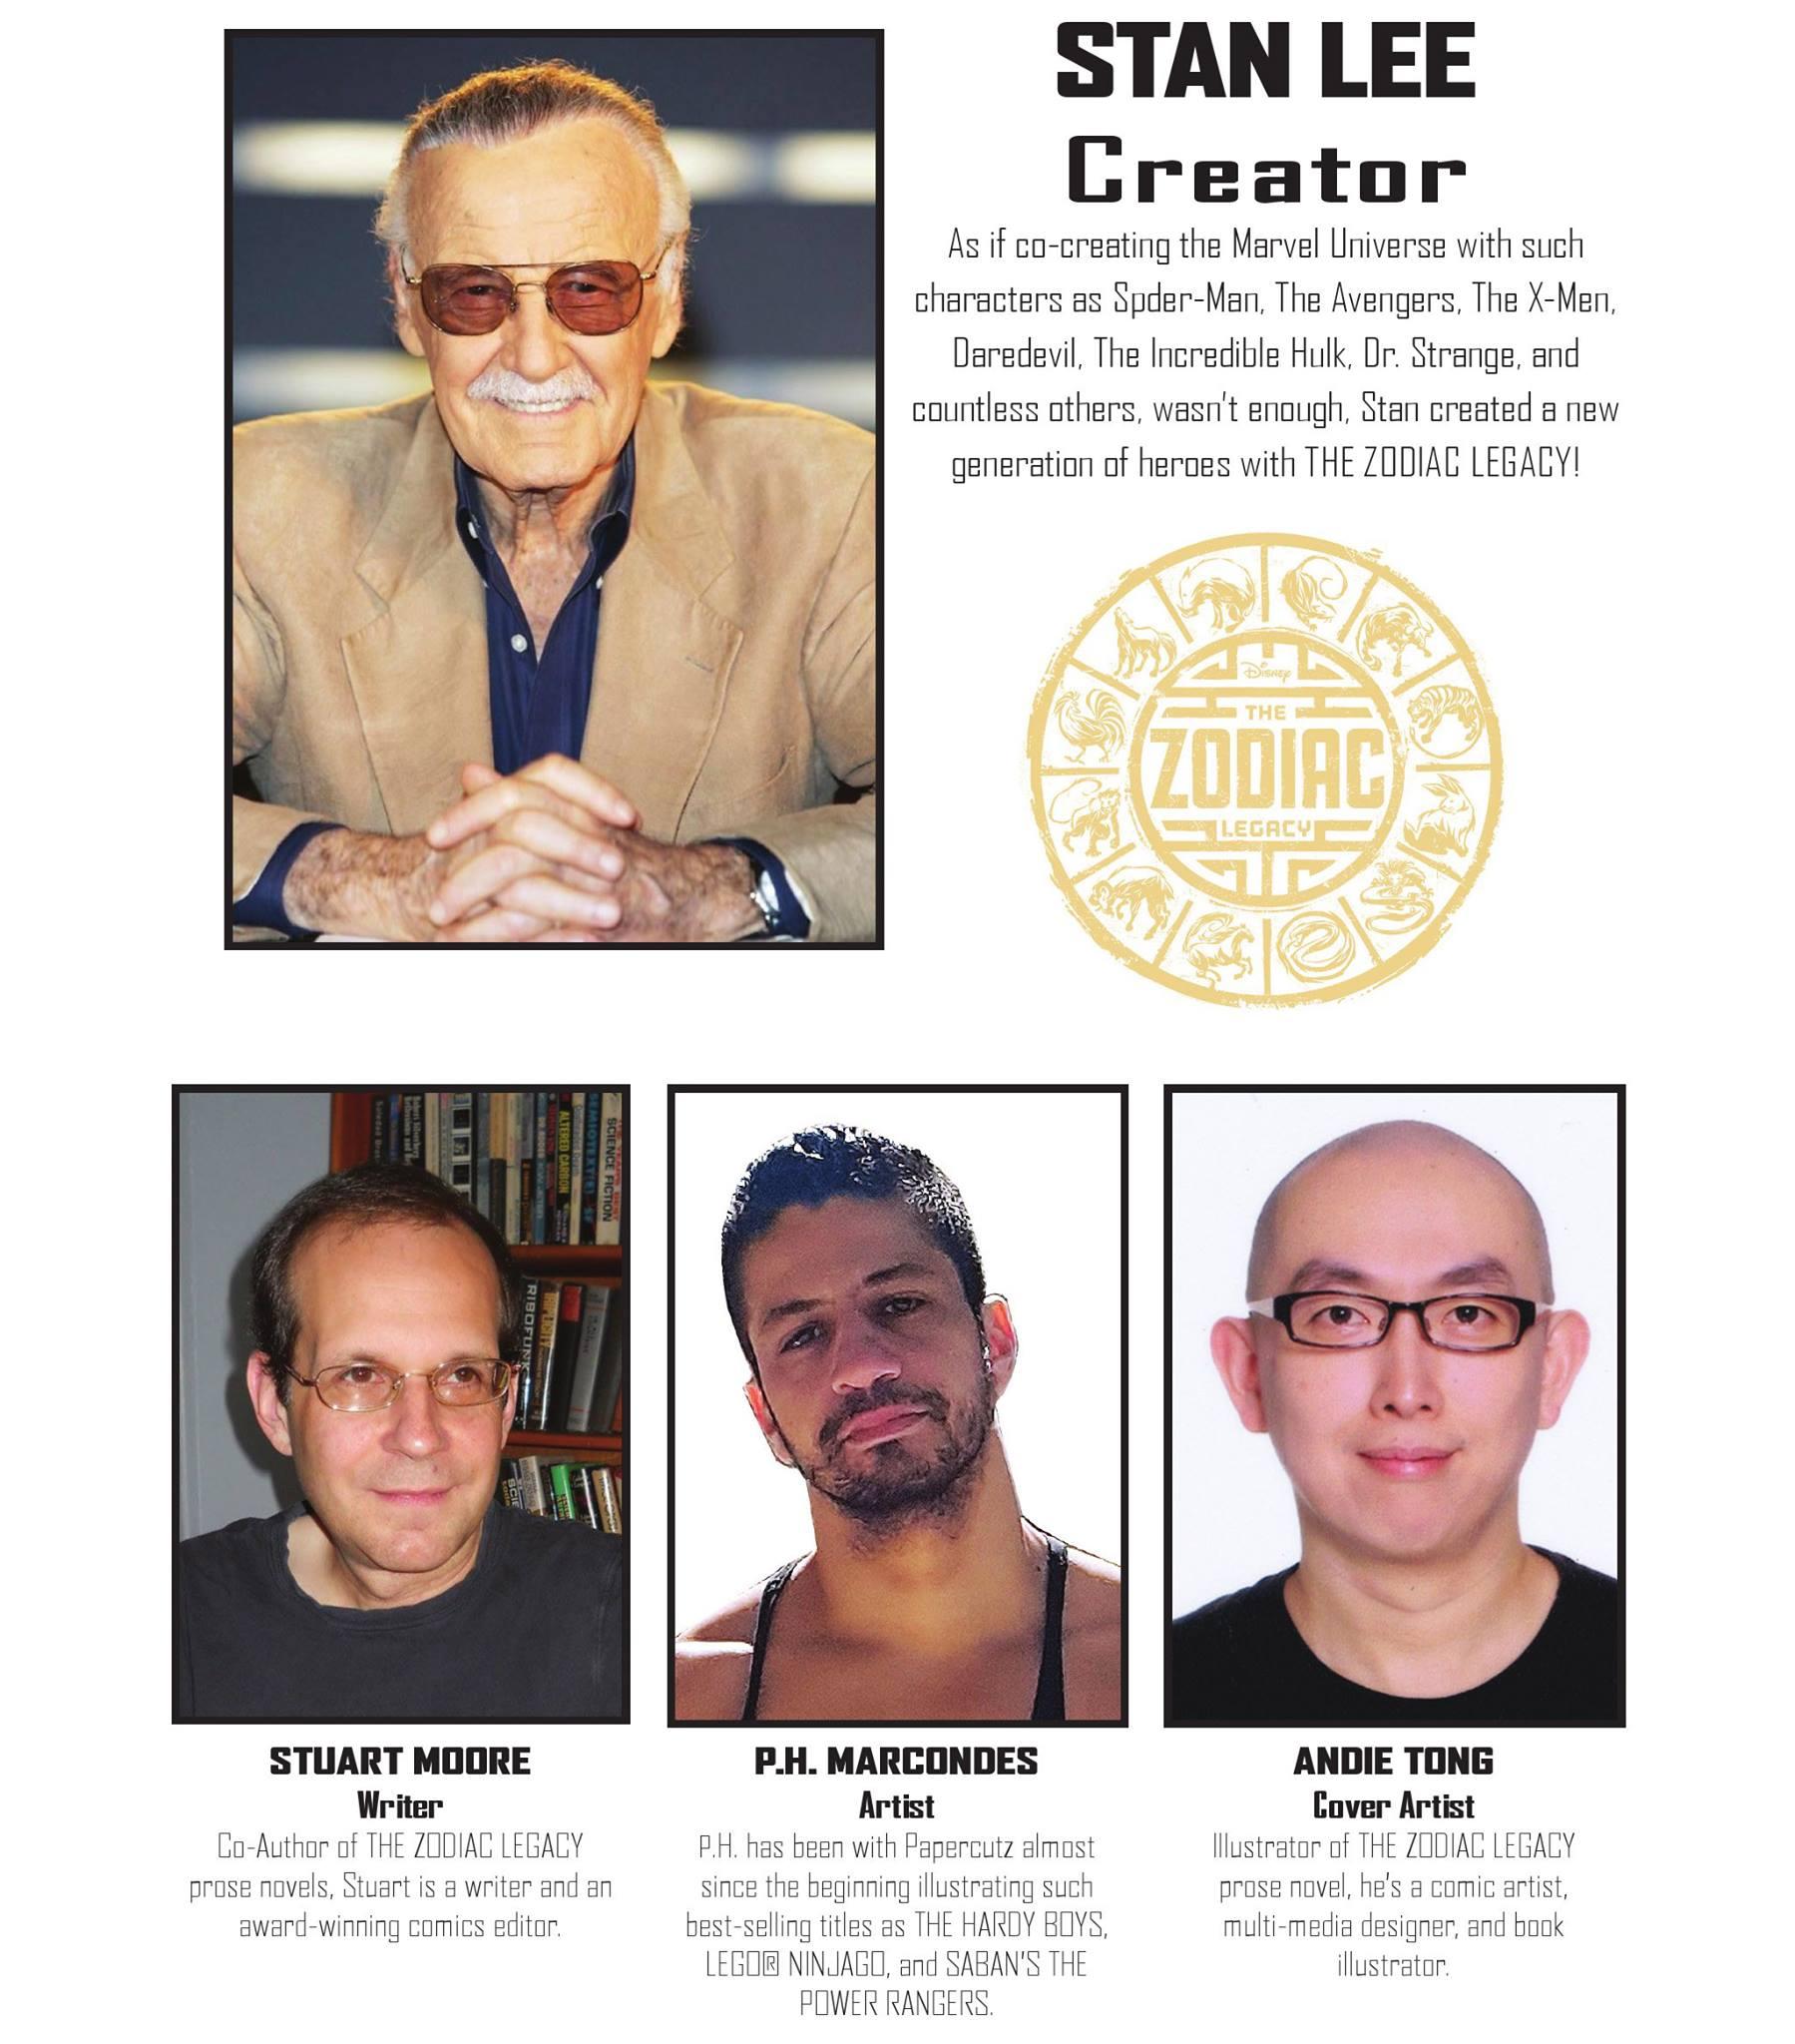 Zodiac Legacy - Stan Lee